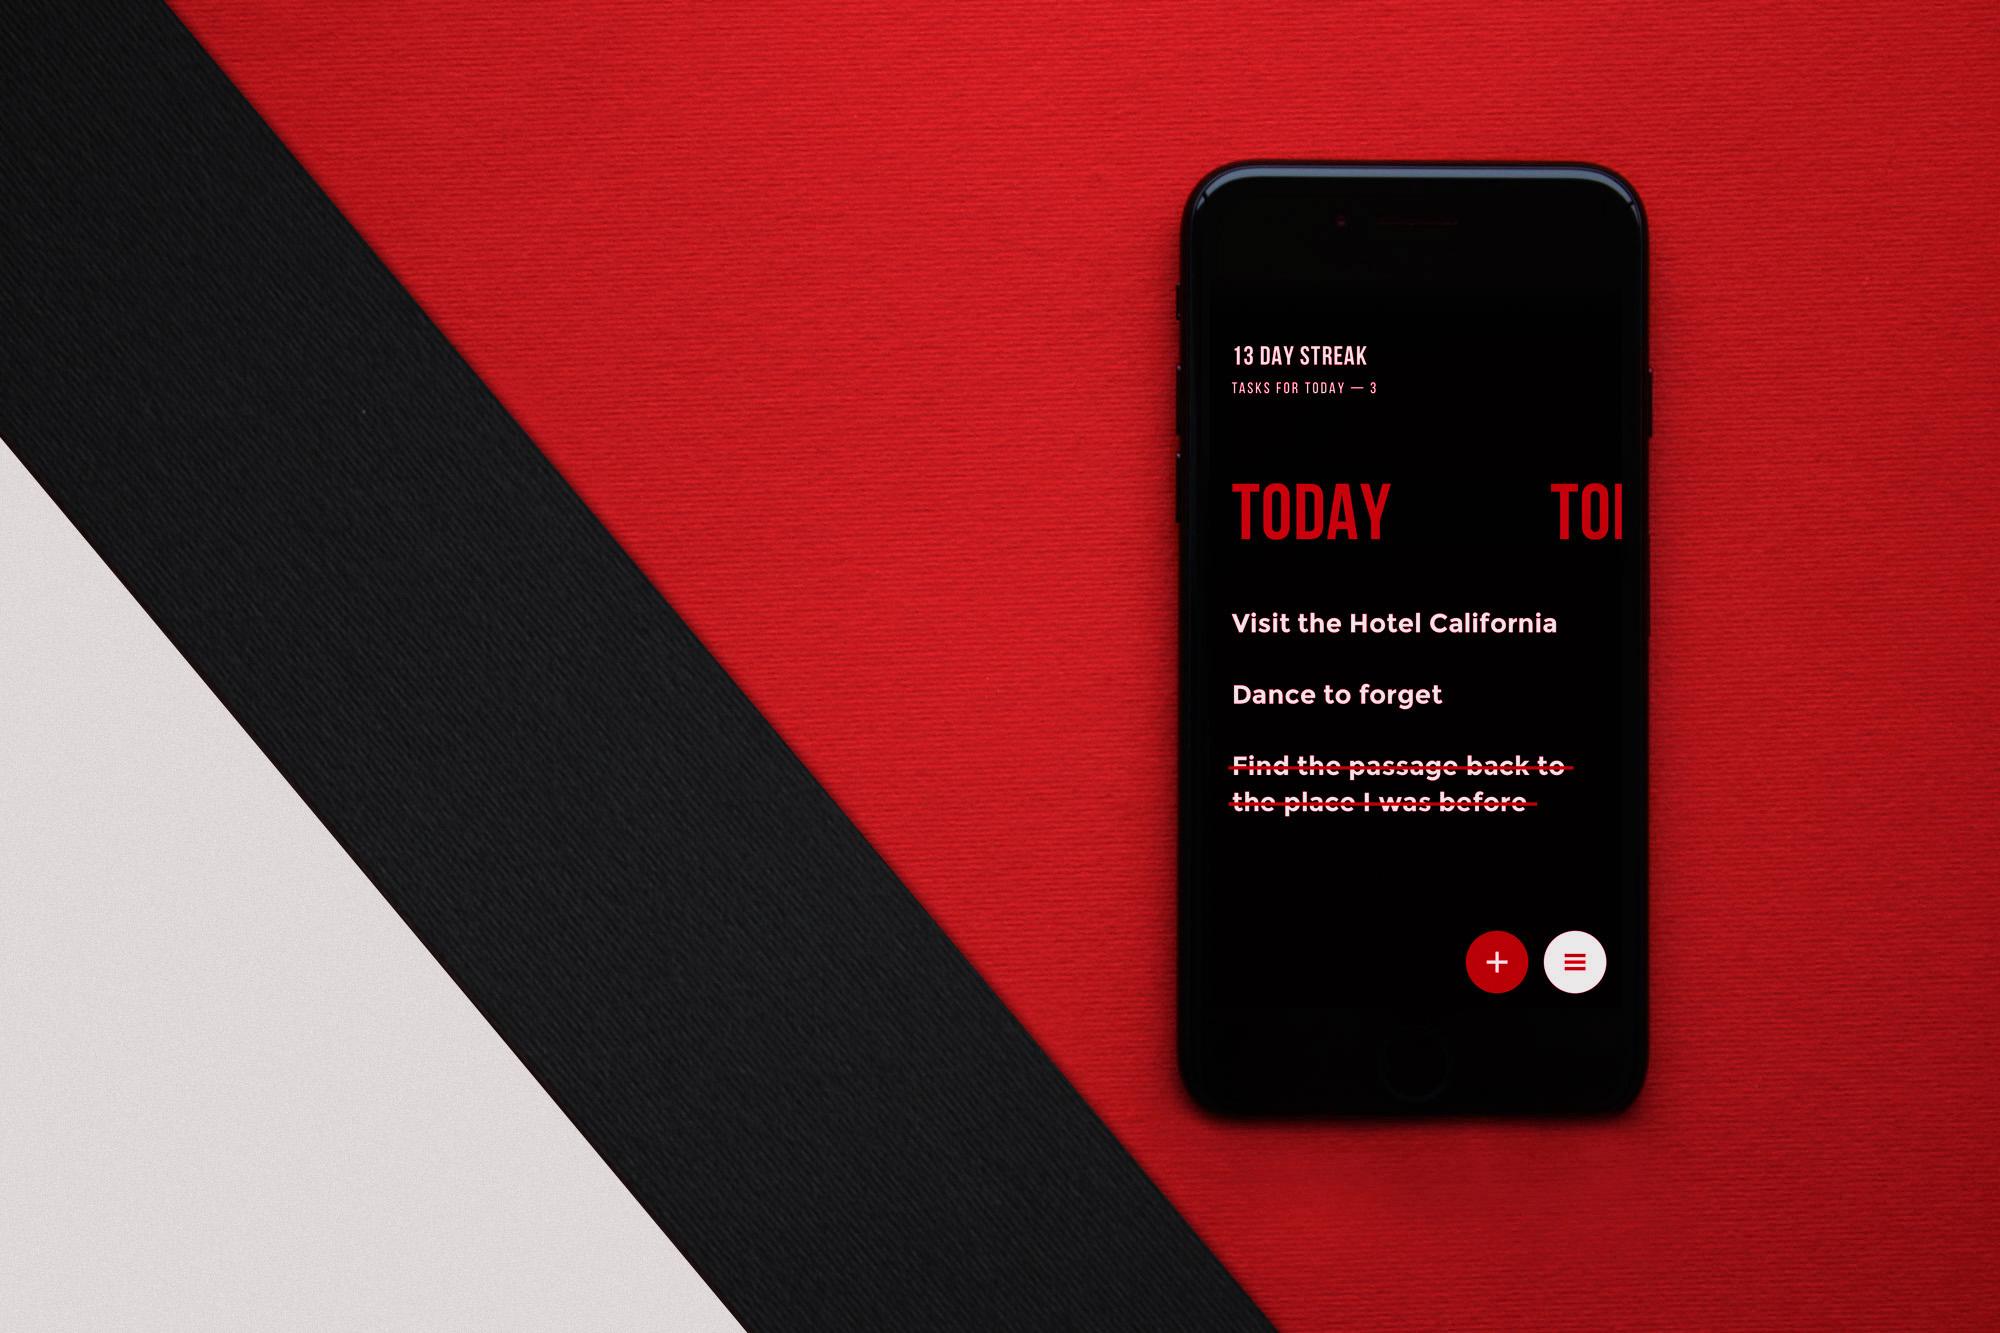 upper app UI design case study